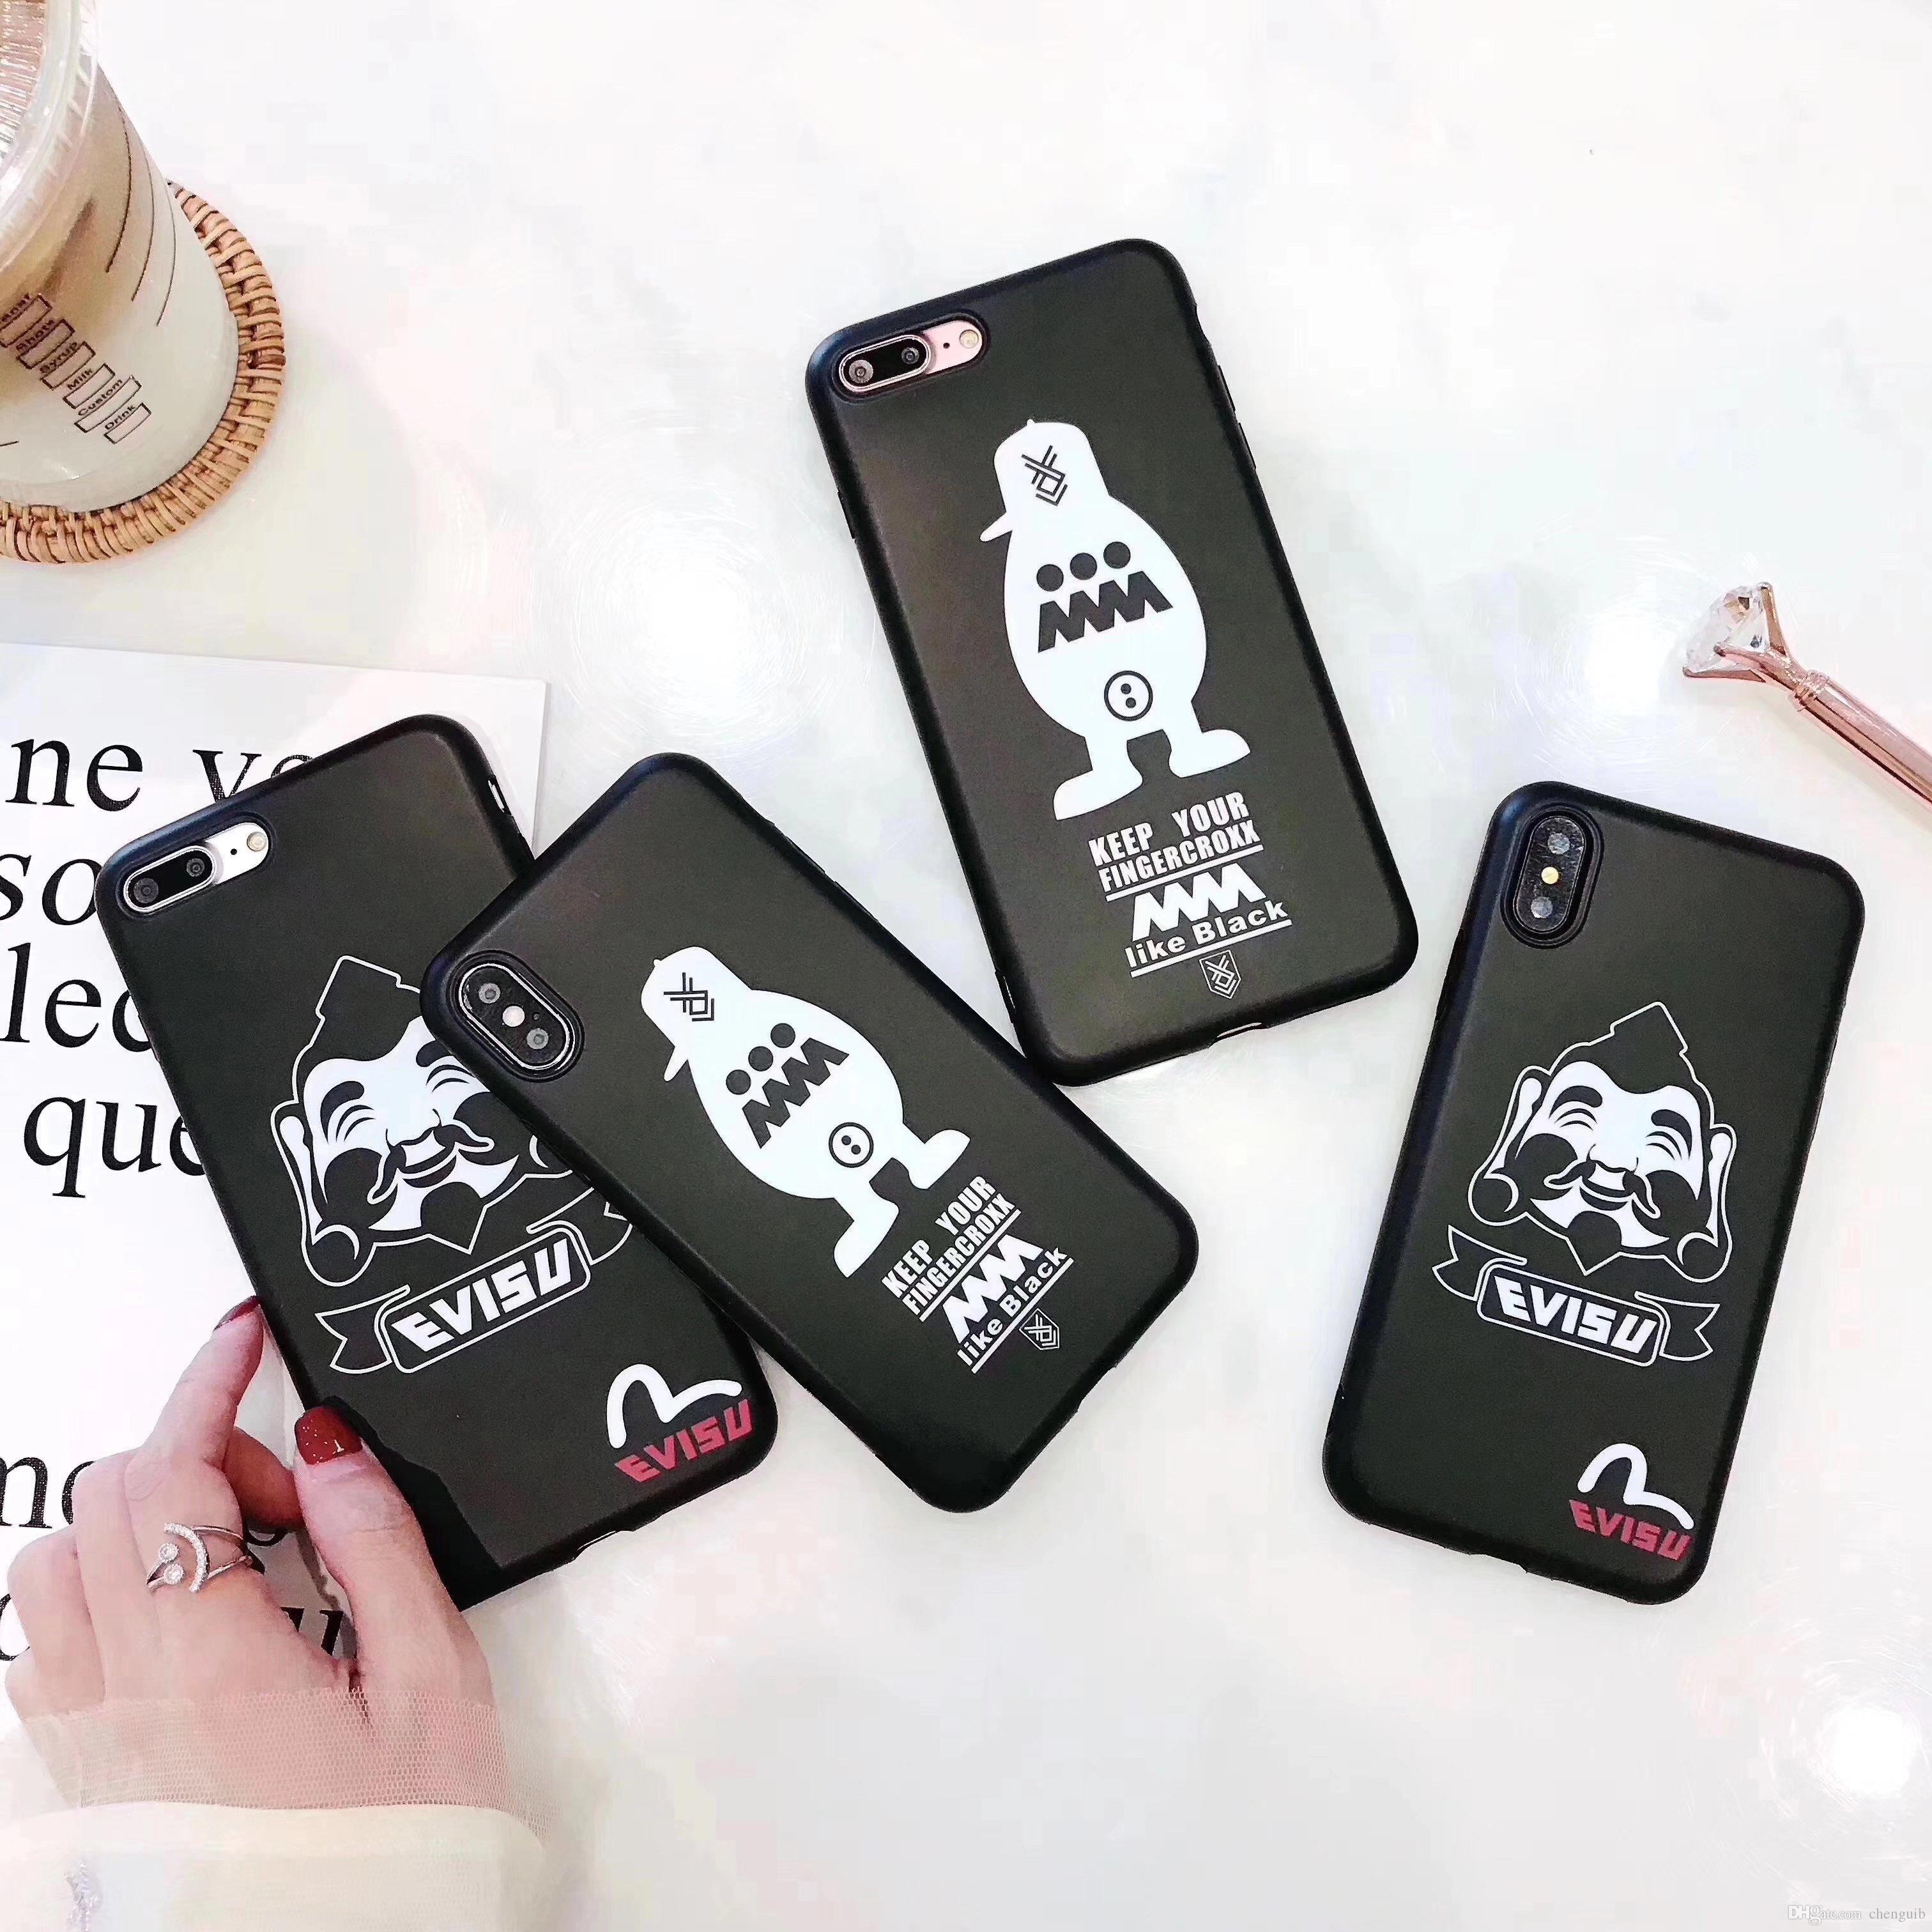 Htc e Handyhüllen Europäische Und Amerikanische Art Und Weise Matte Schwarze Silikontelefonkasten Für Iphonex 7 6 6s 7plus Tpu Weiche Abdeckung Für